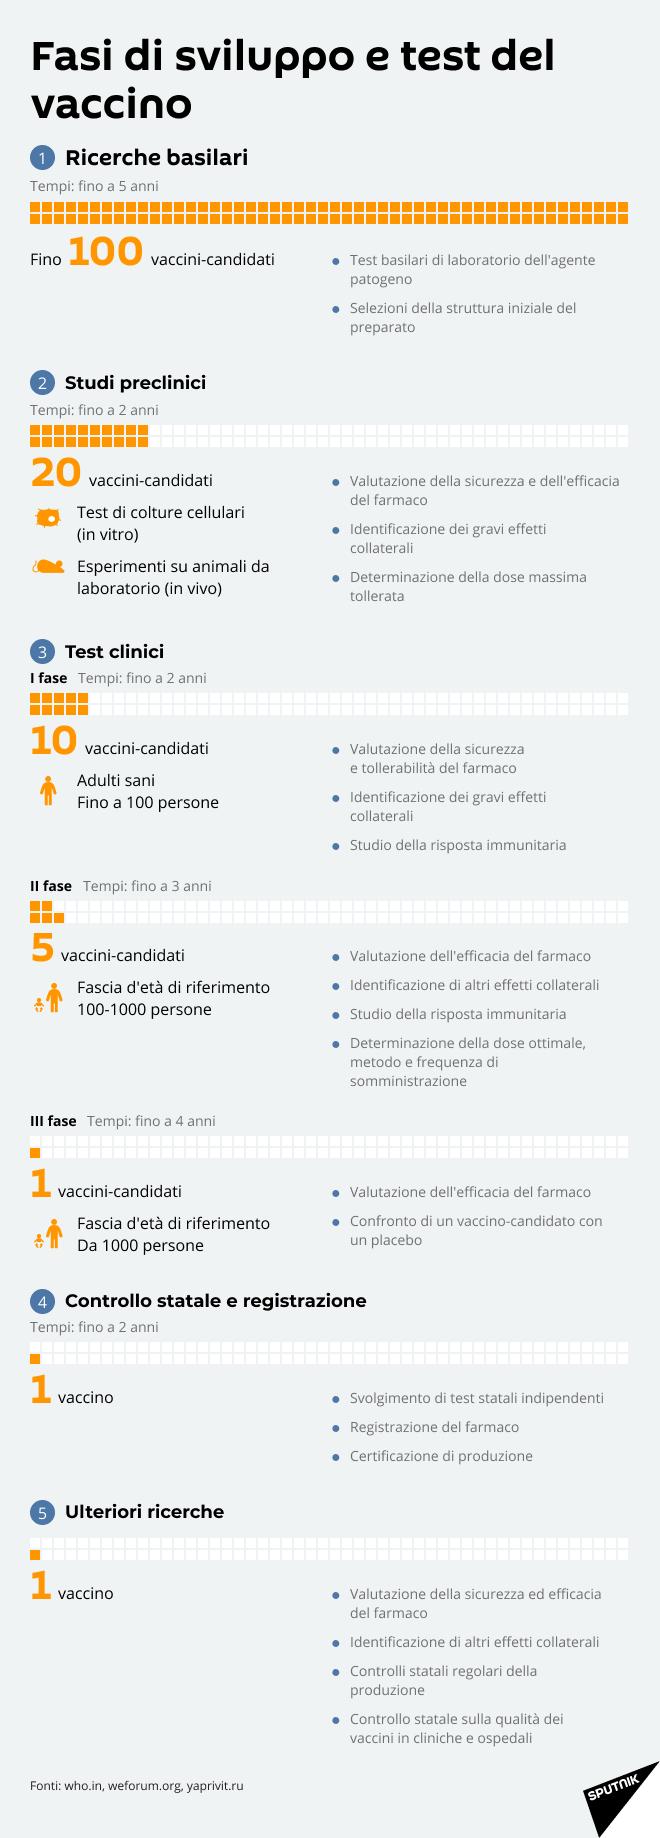 Fasi di sviluppo e test del vaccino